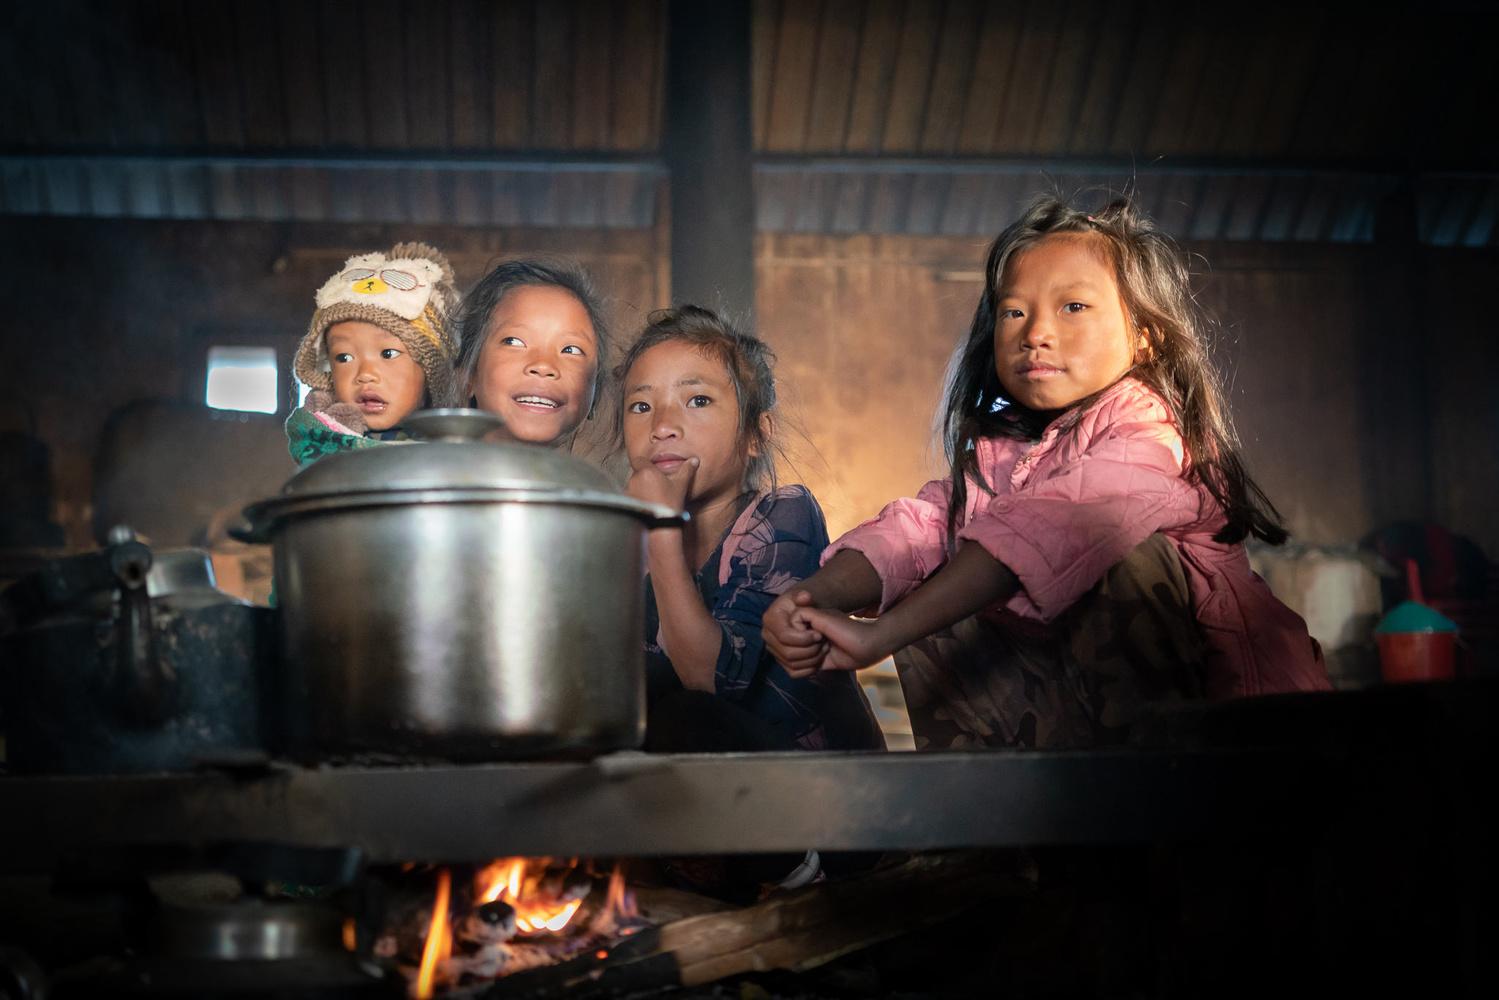 Young children in a village kitchen